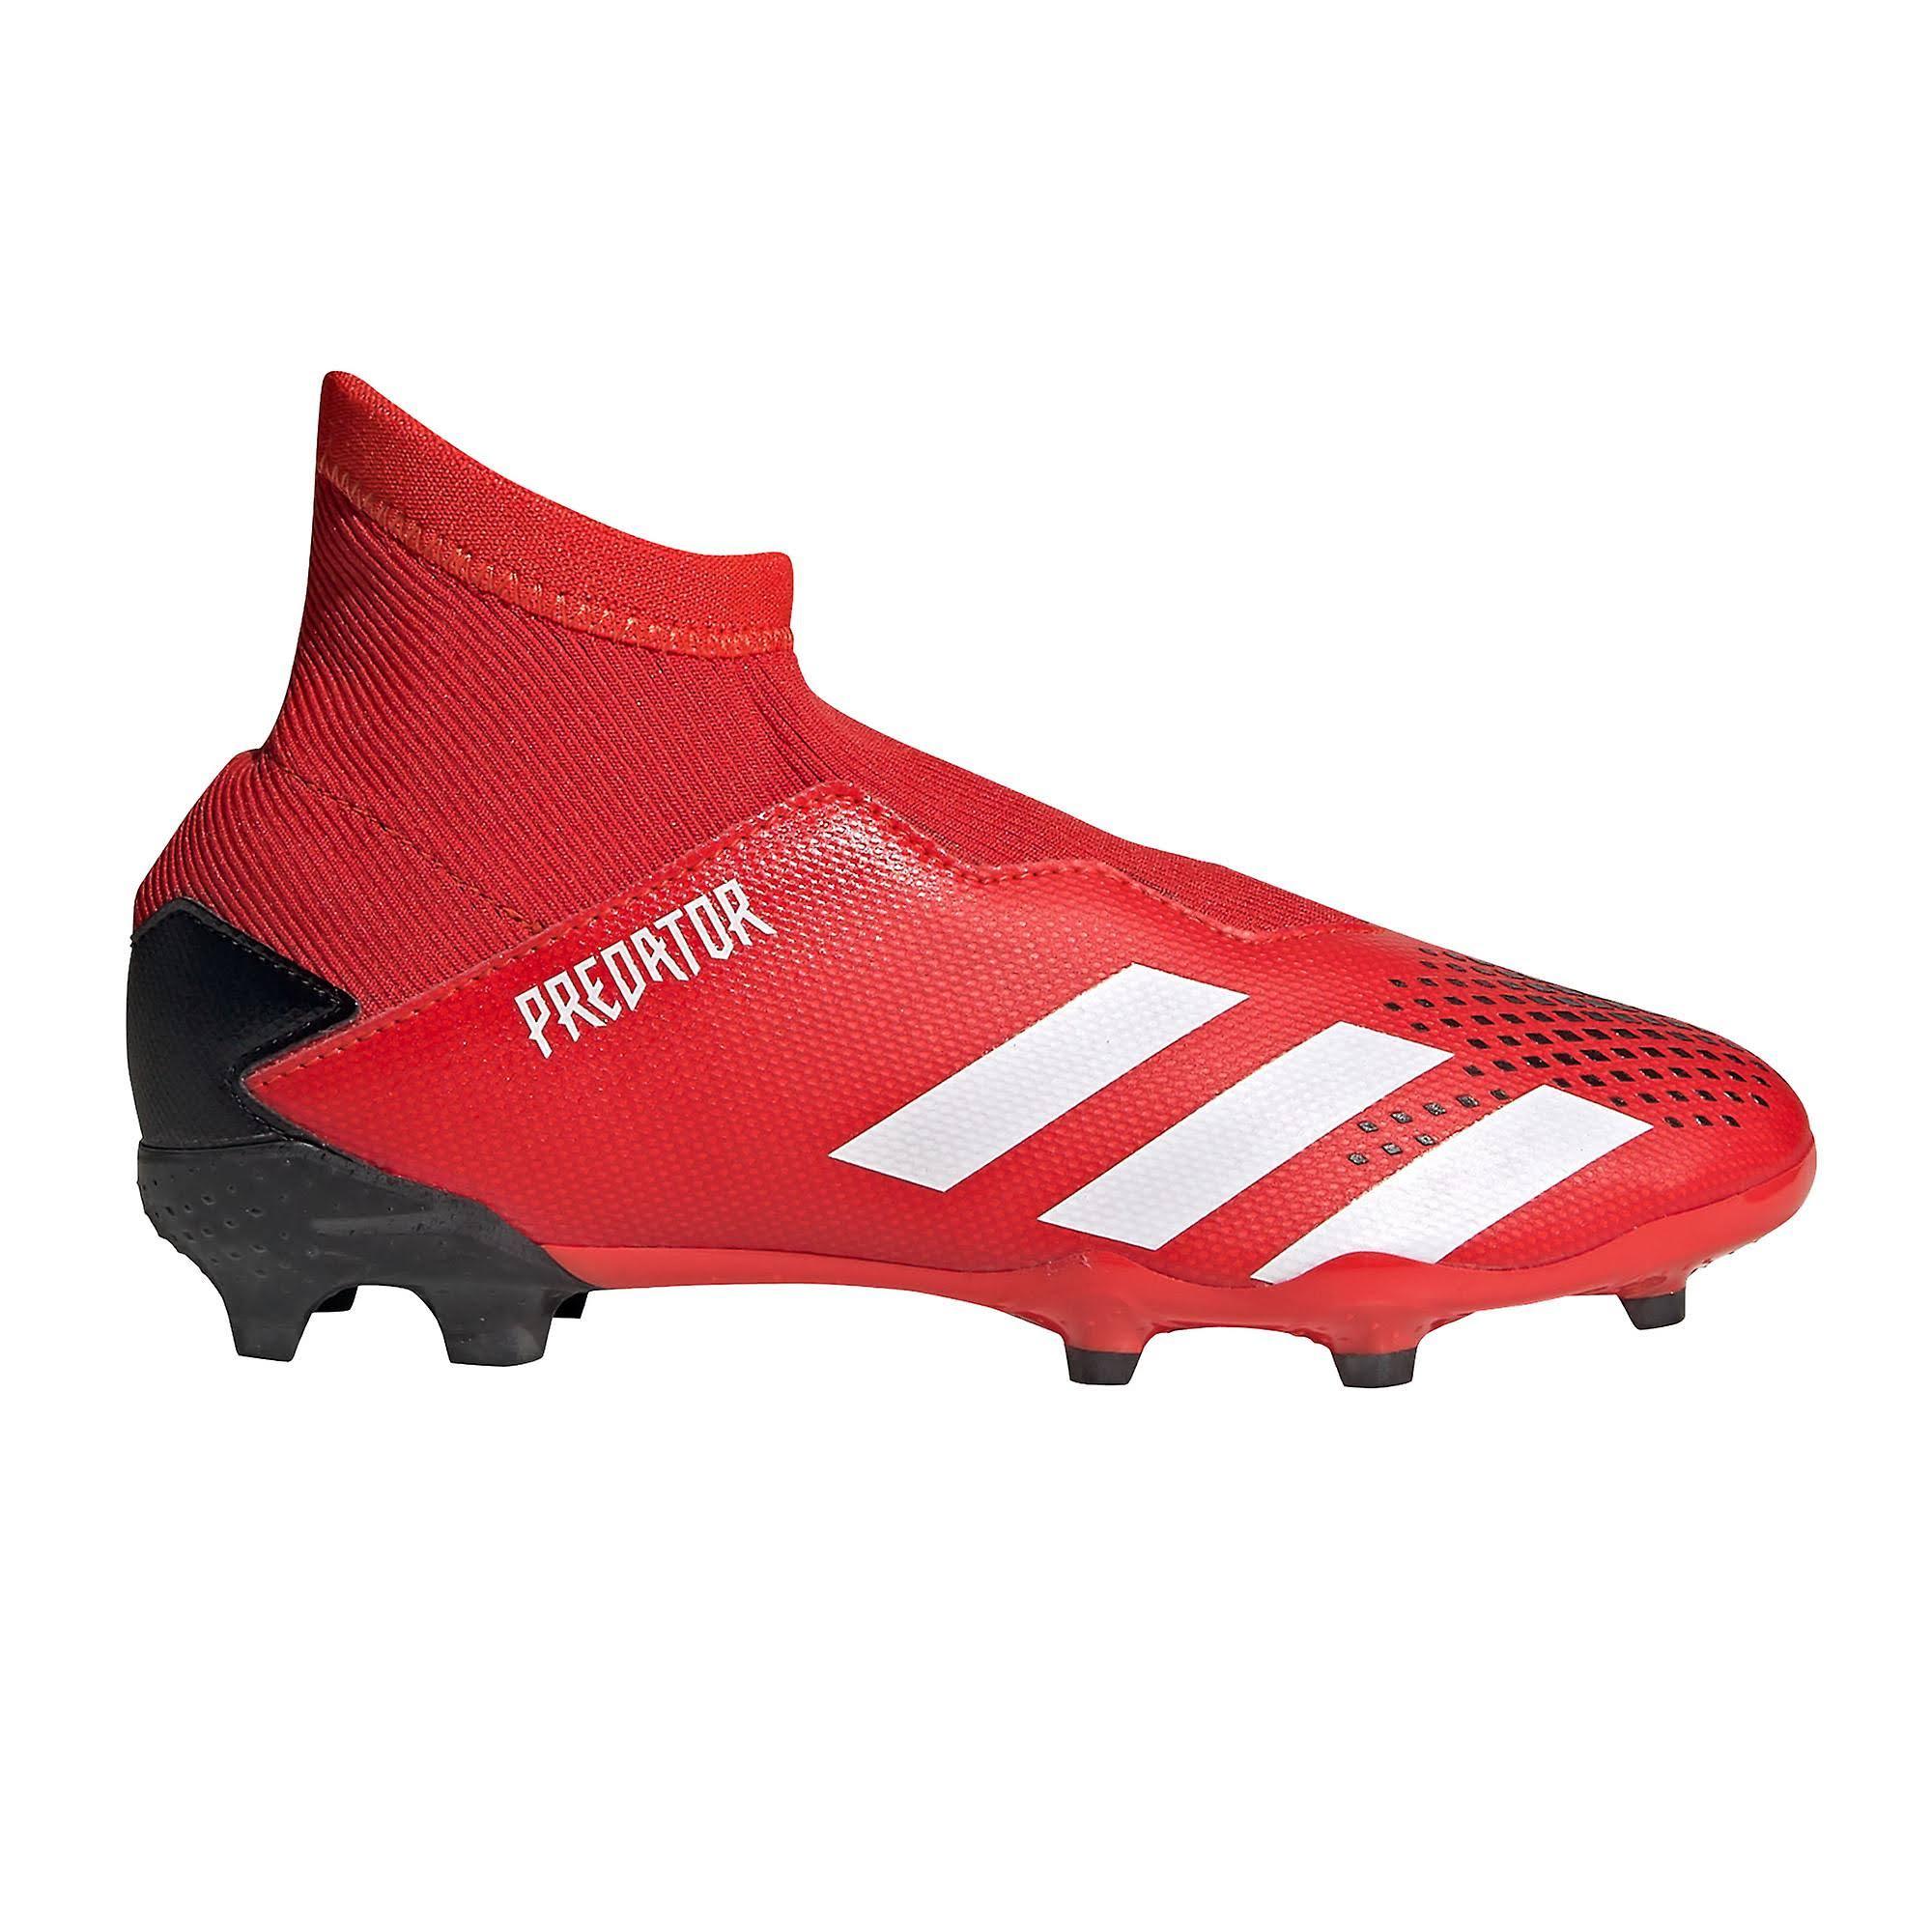 Adidas - Junior Predator 20.3 LL FG Mutator Pack - Scarpe da Calcio  aYIXYn